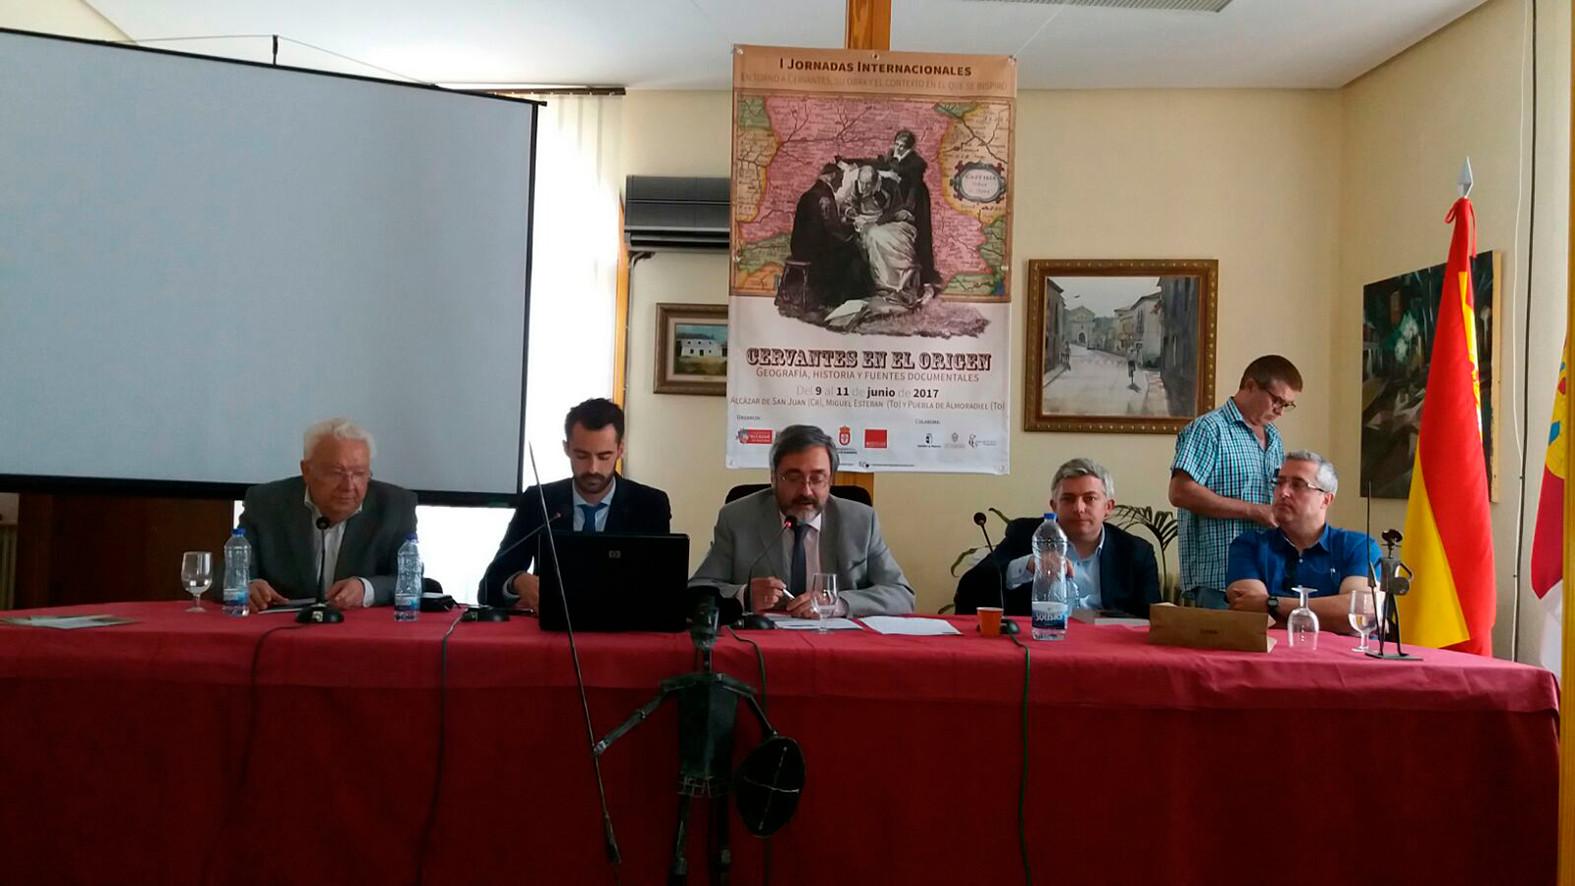 Clausura en La Puebla de Almoradiel